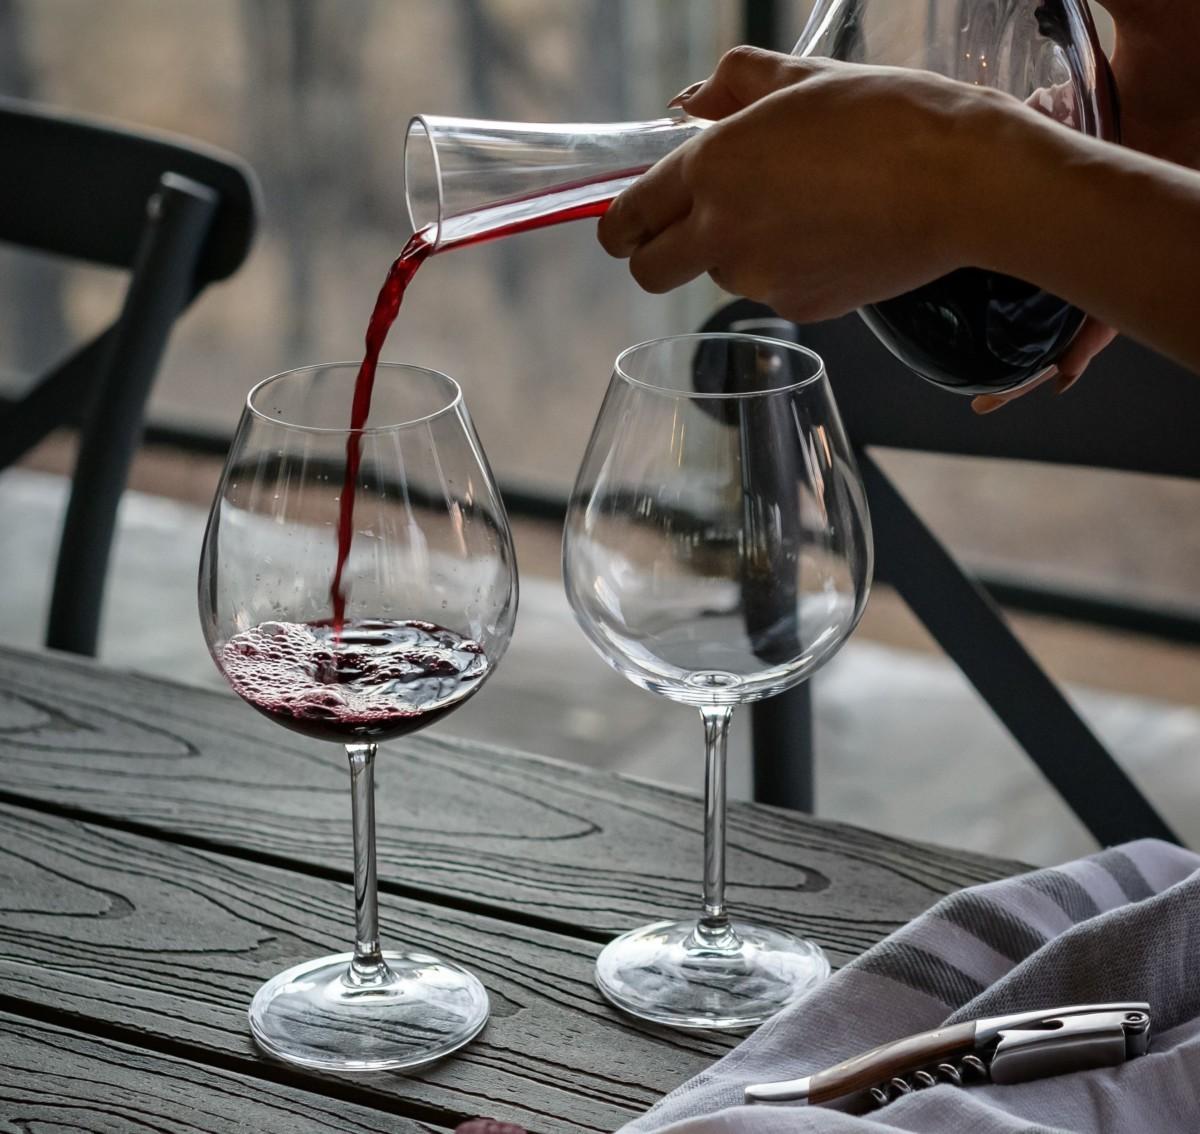 Considerar l'aigua com el vi: l'aigua, com el vi, té el seu terrer.